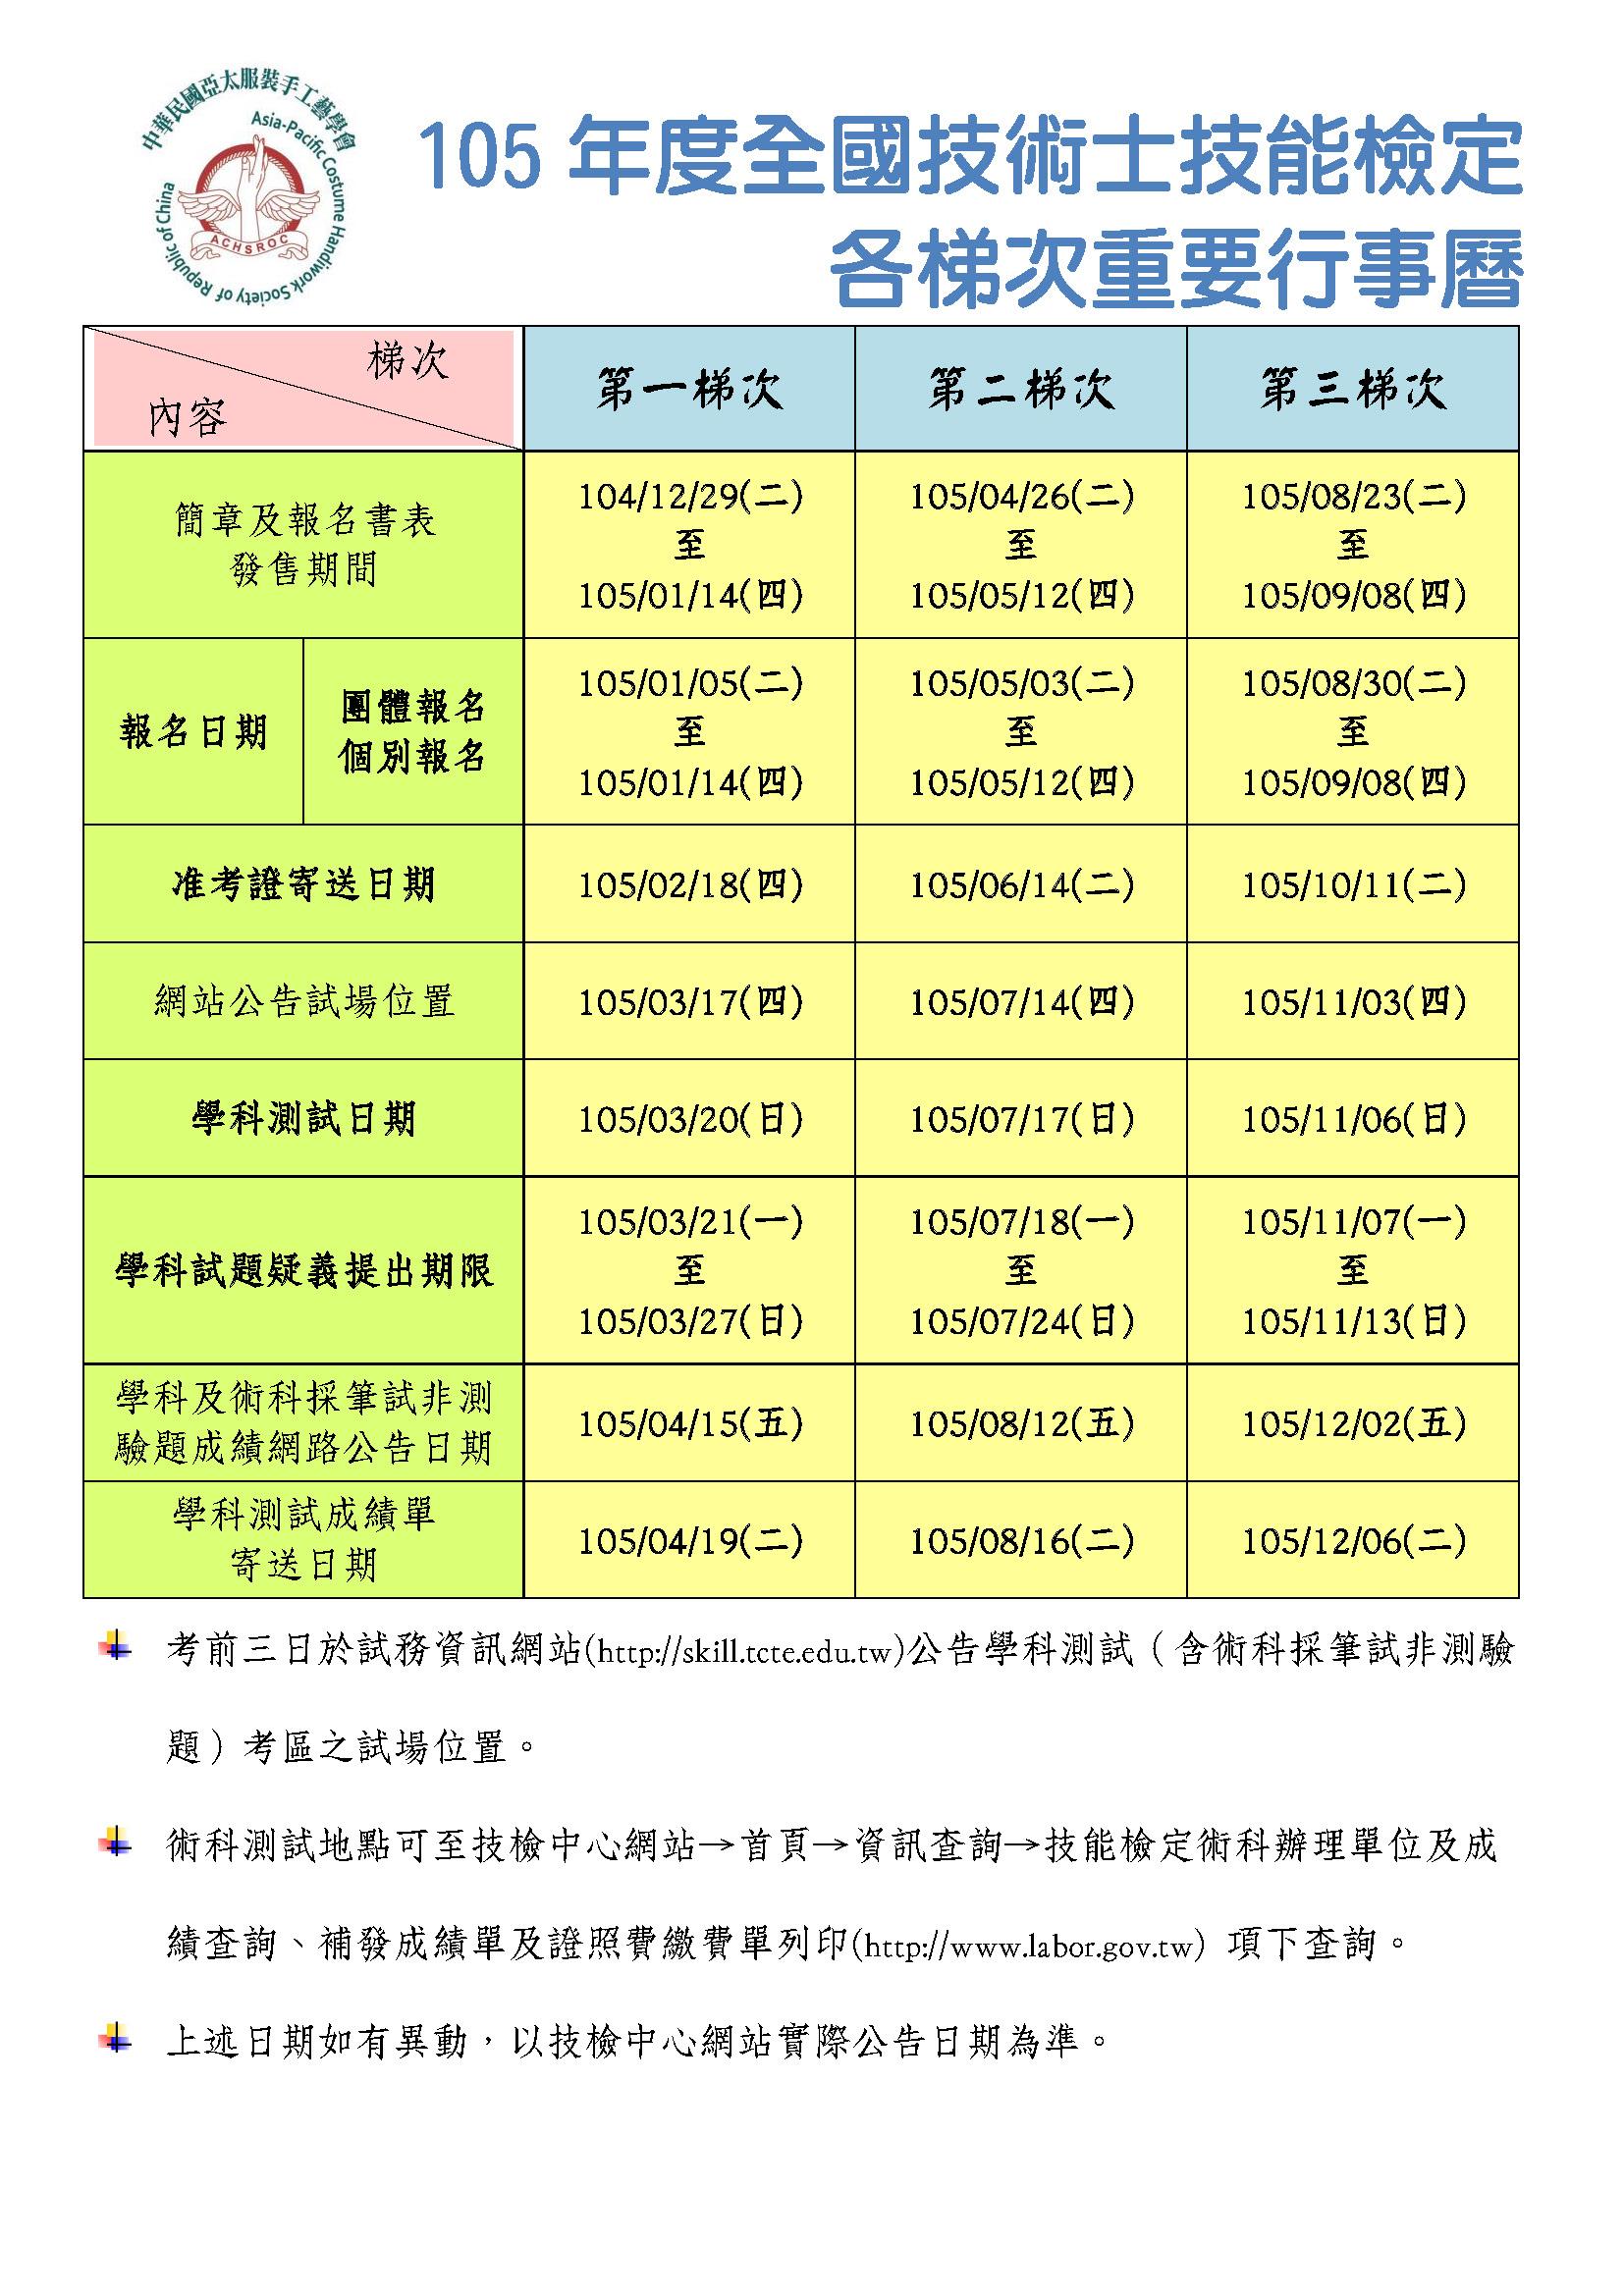 105年度全國技術士技能檢定行事曆_頁面_1